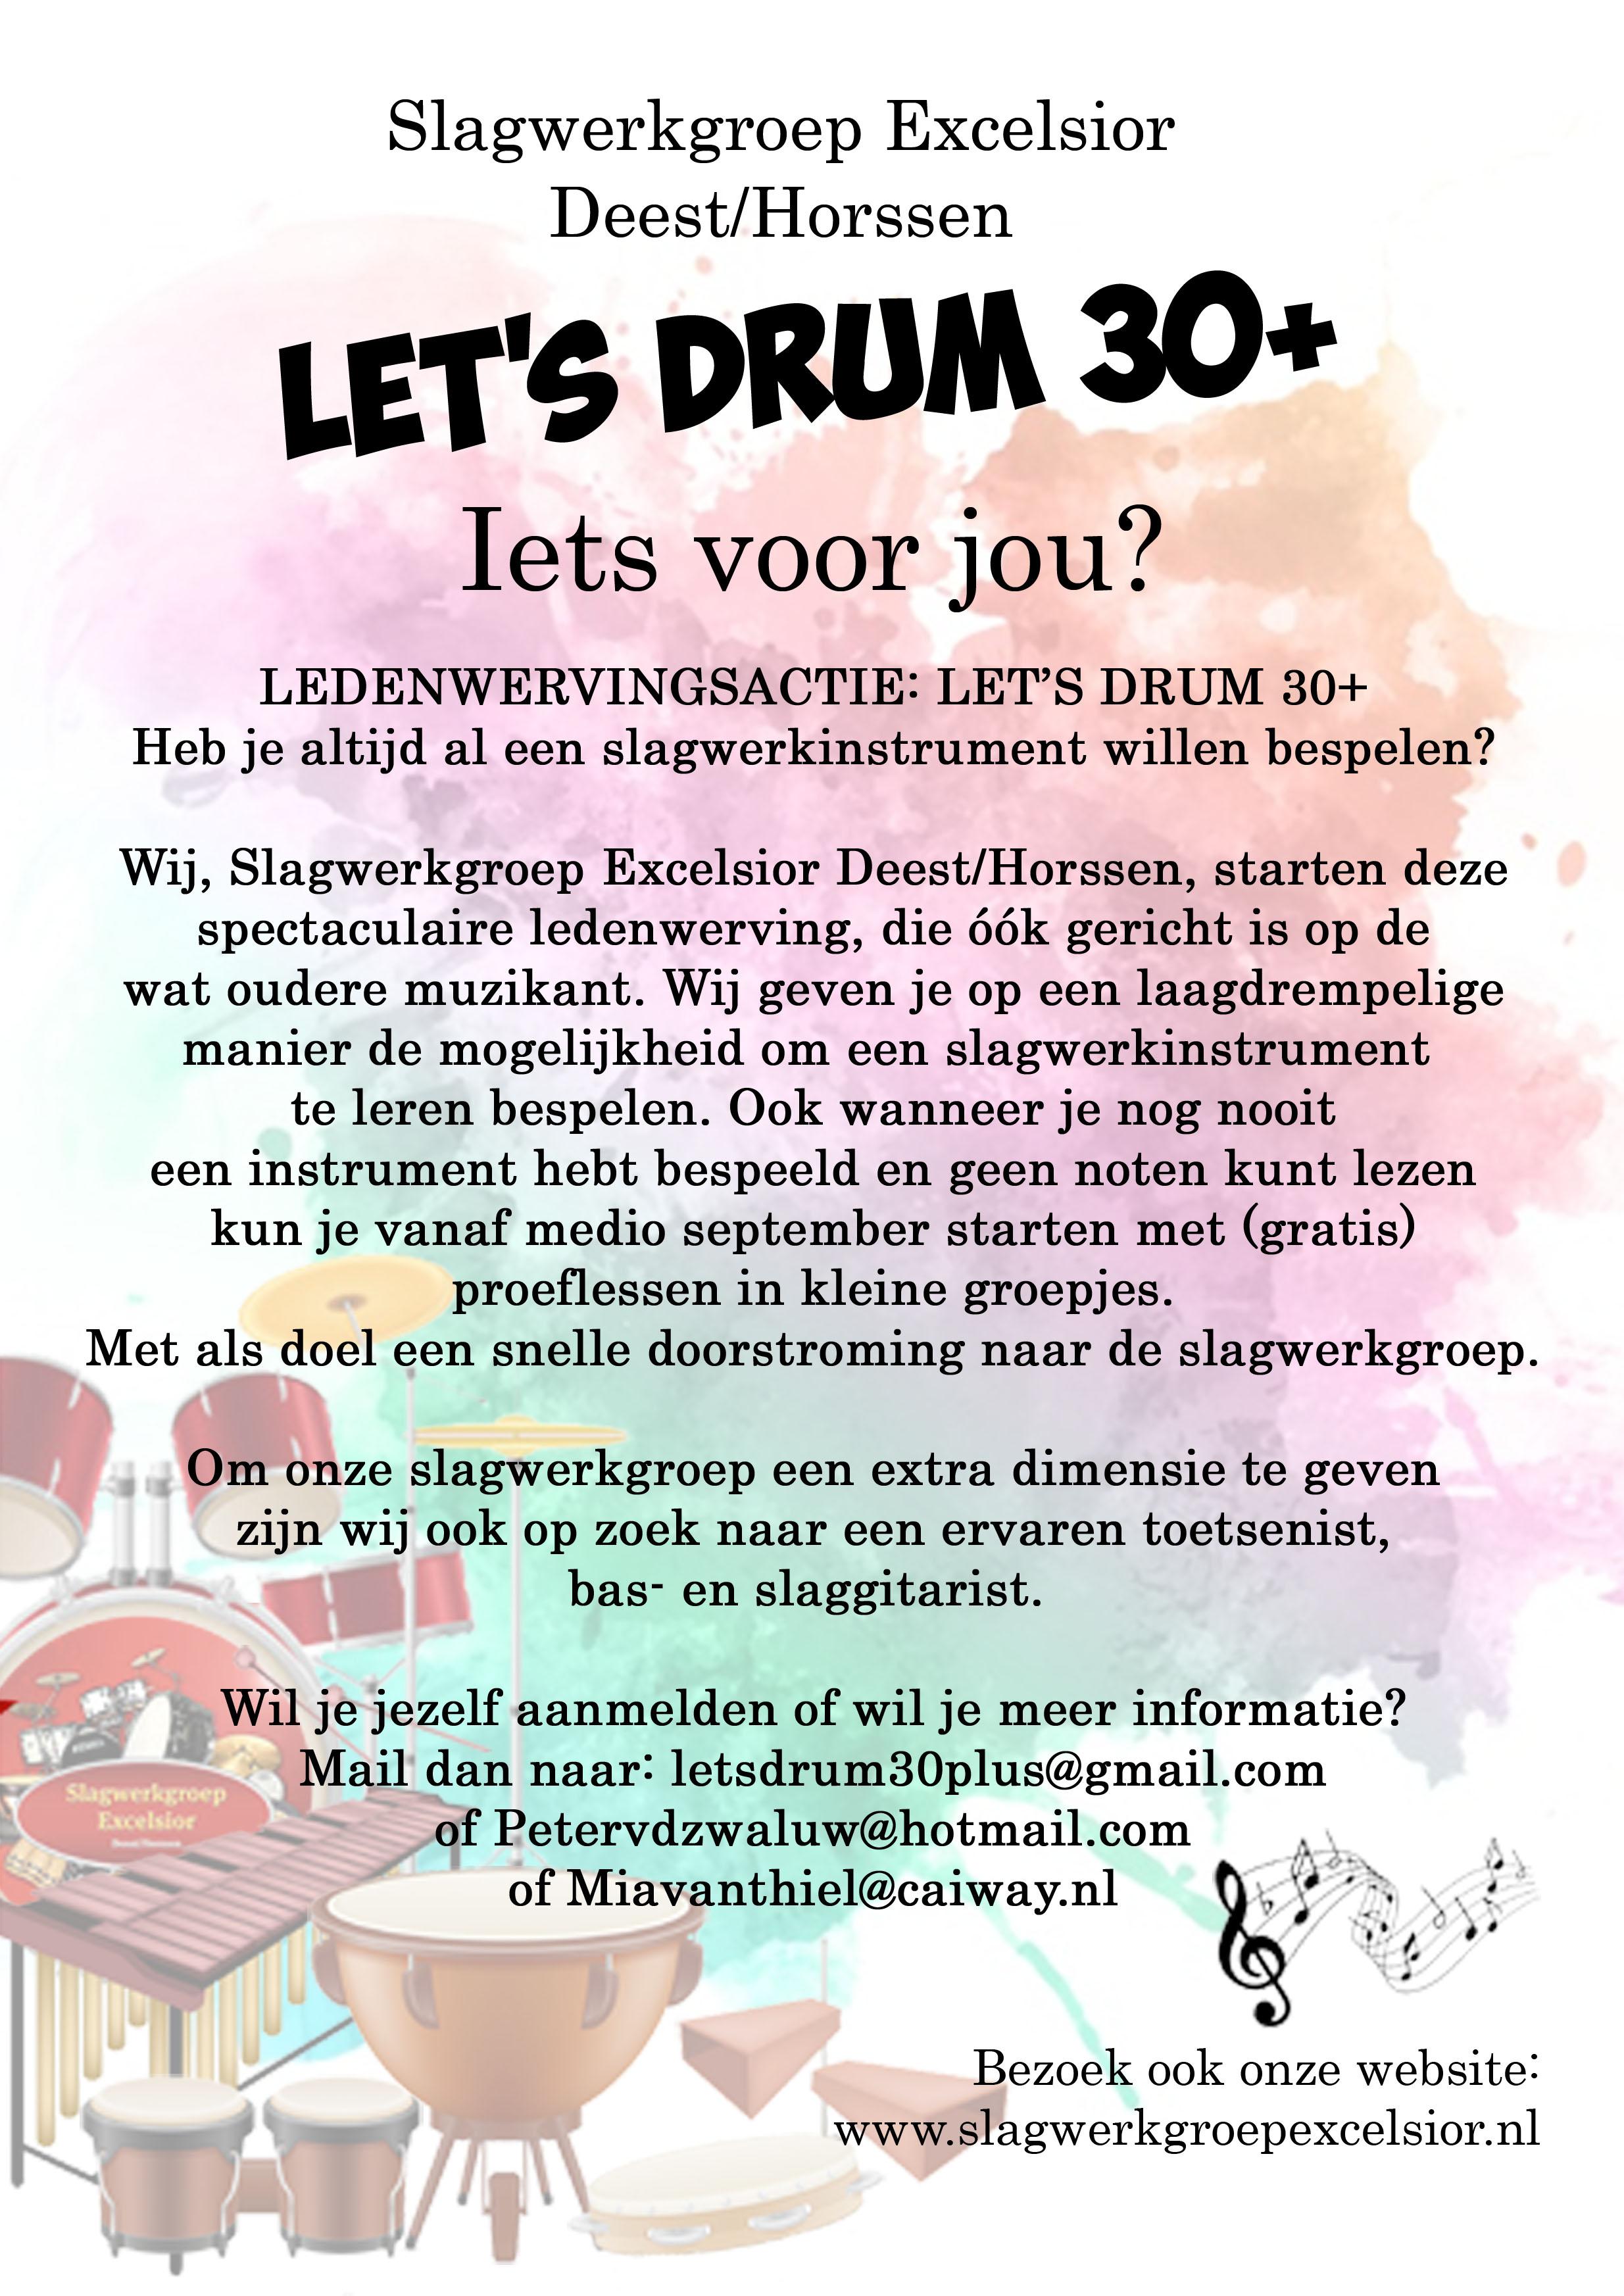 Let's drum 30+